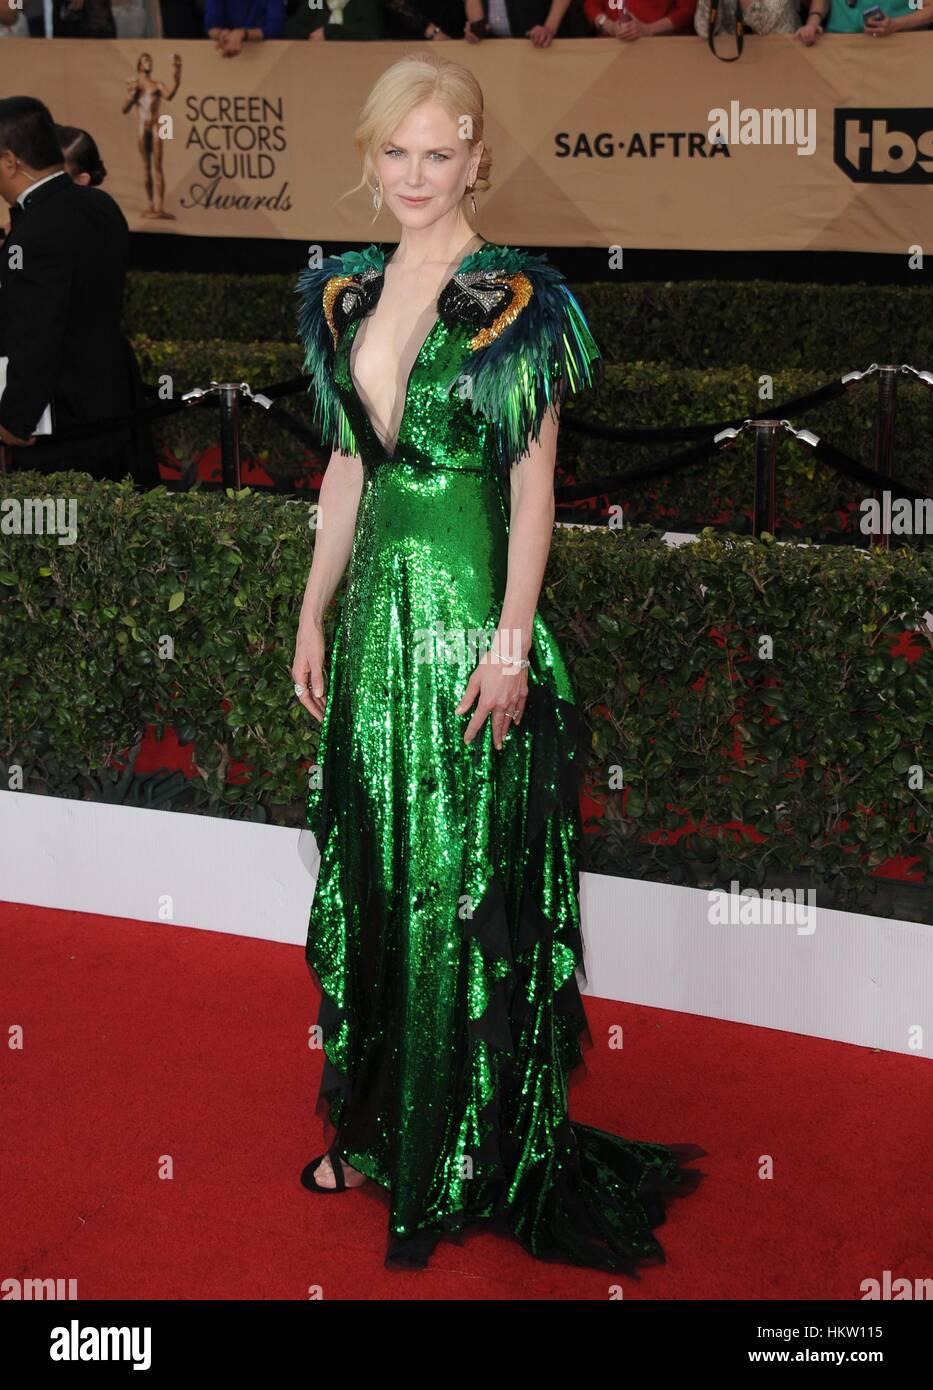 Los Angeles, CA, EE.UU. 29 ene, 2017. Nicole Kidman en la terminal de llegadas para 23ª Screen Actors Guild Imagen De Stock